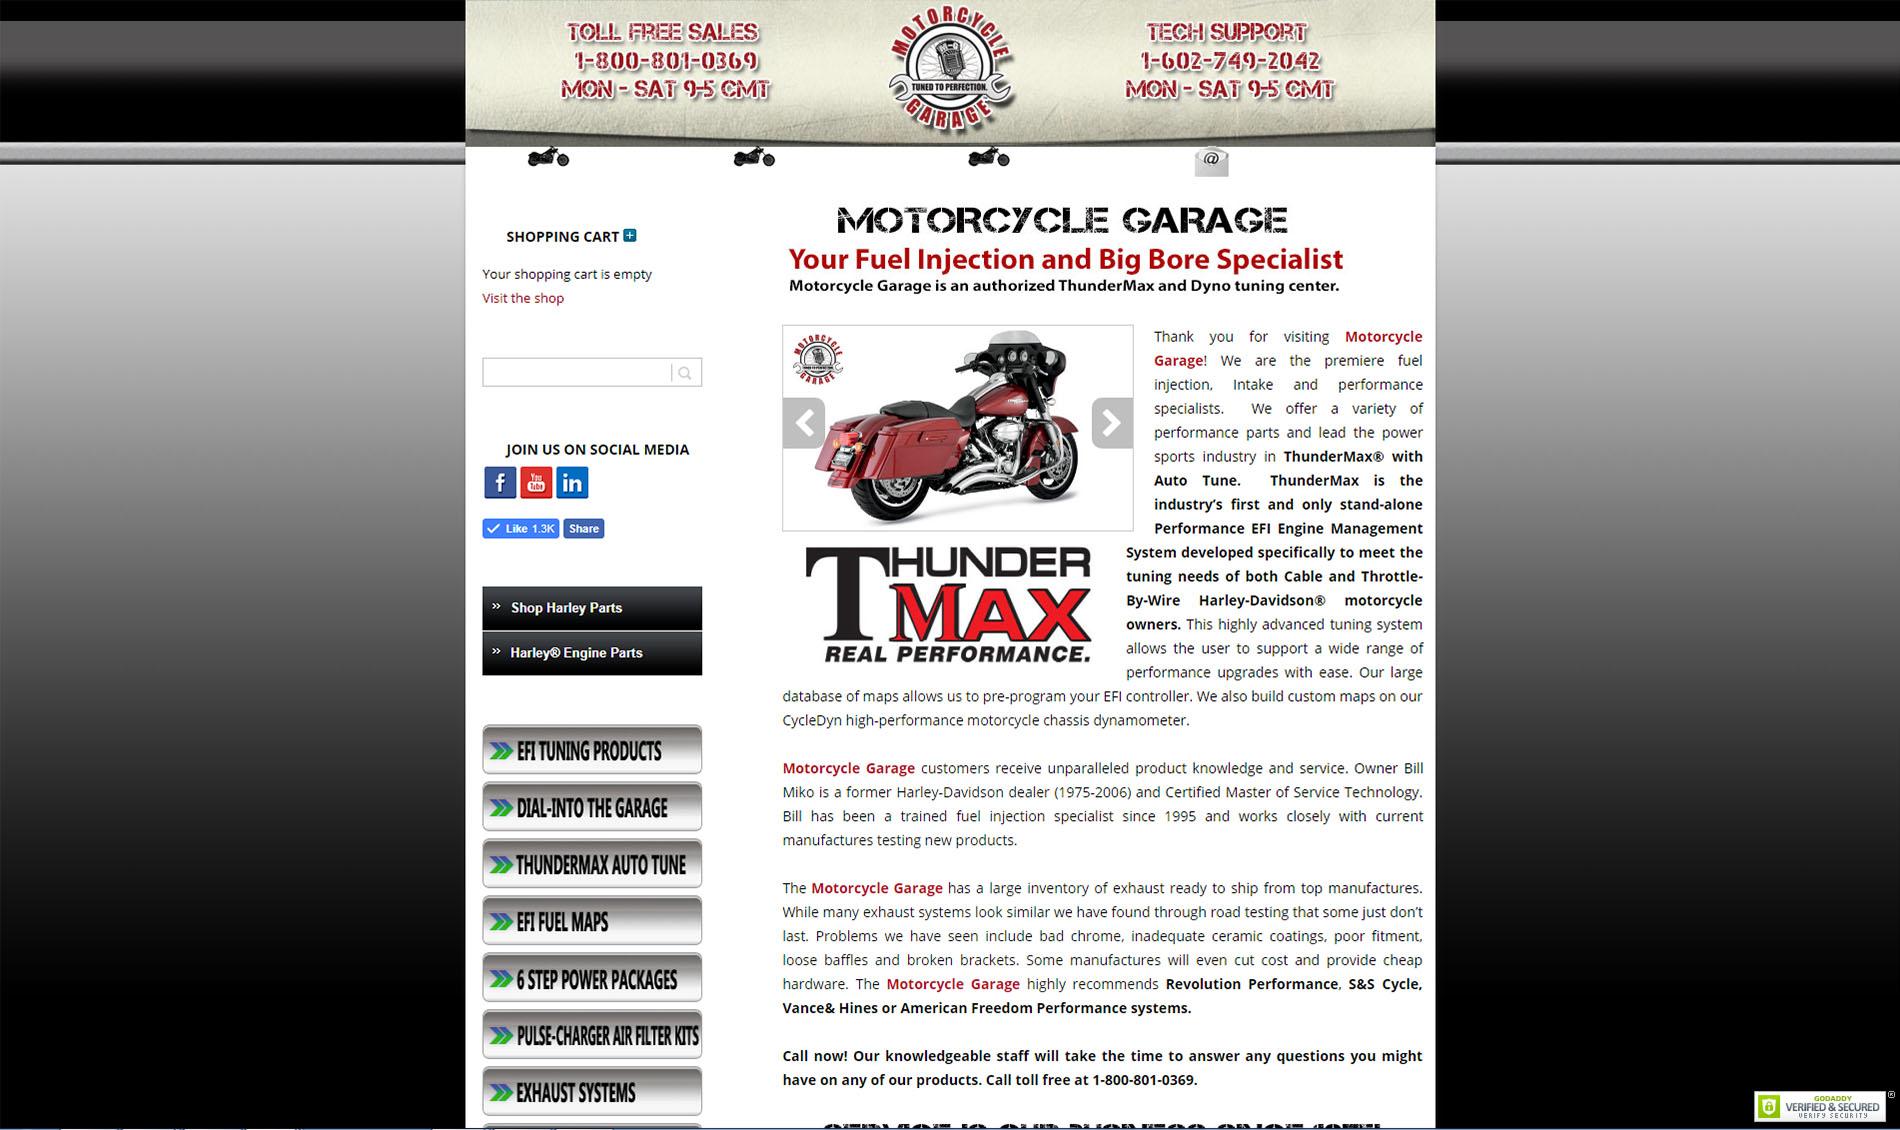 https://motorcyclegarage.net/